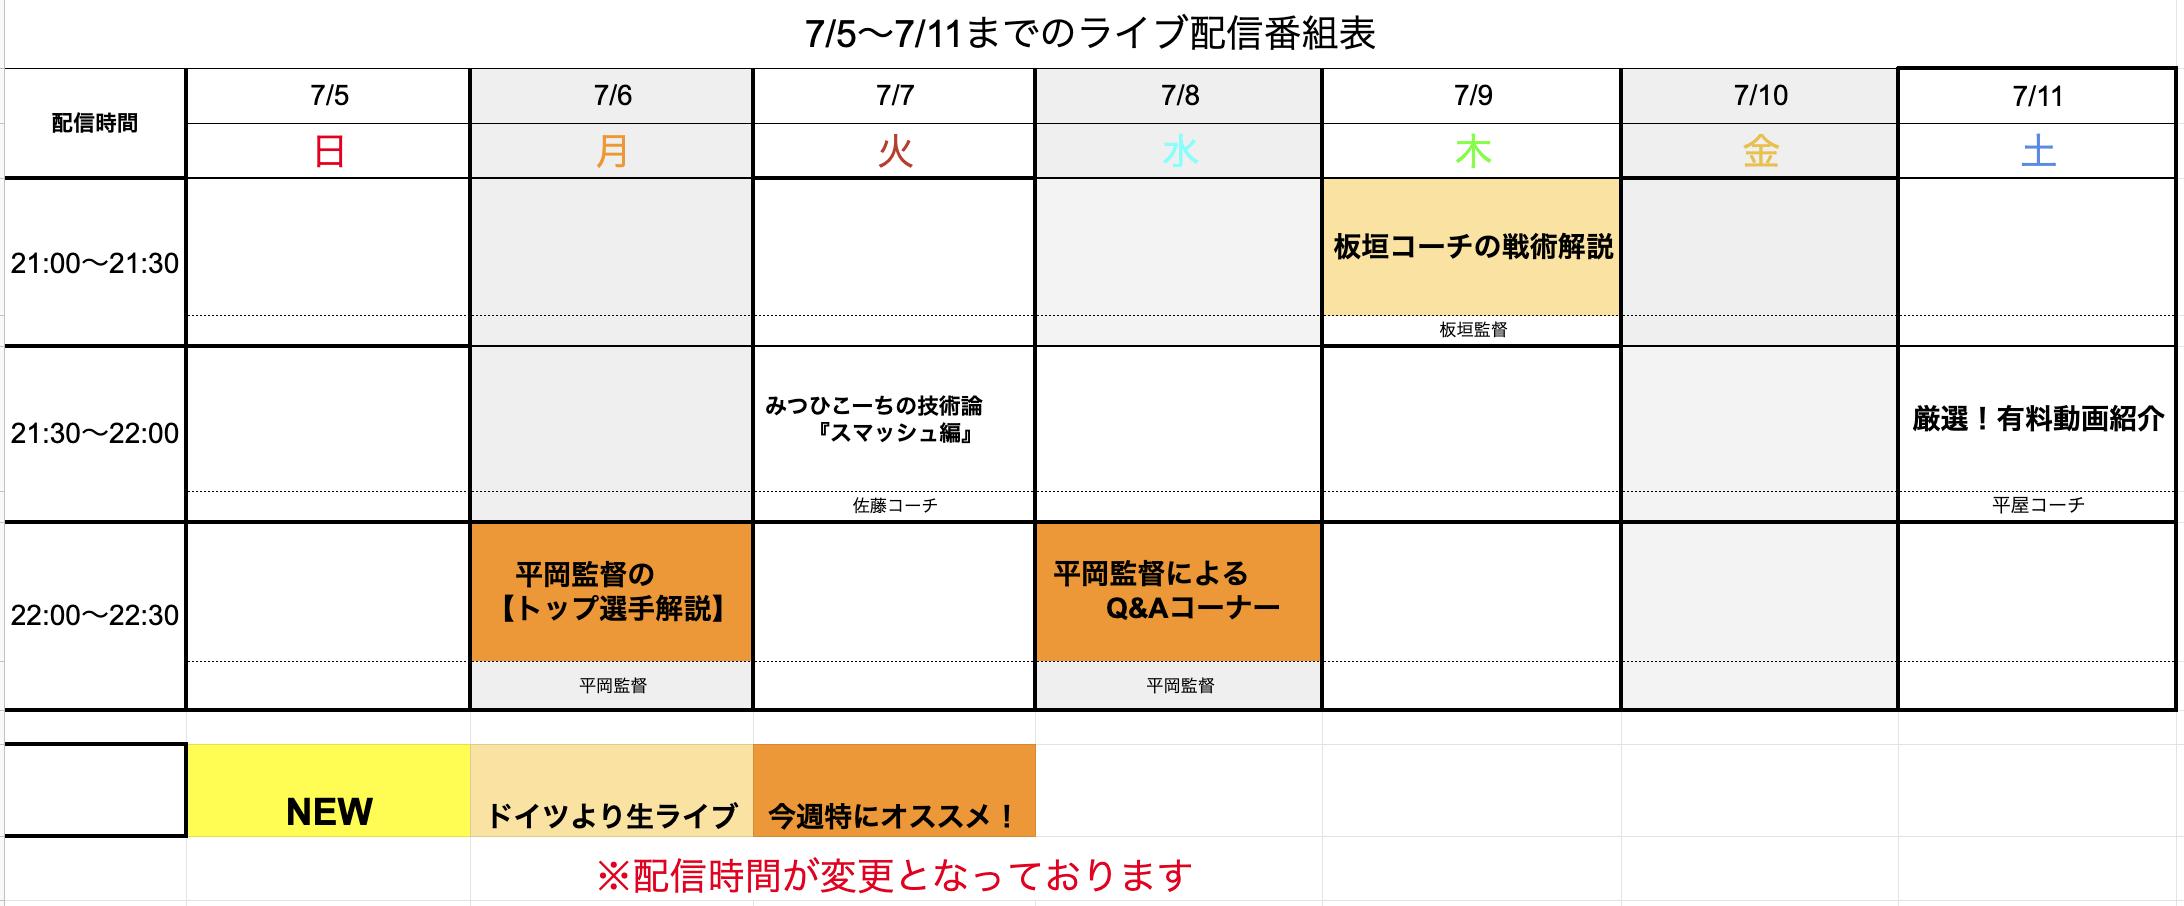 【ライブ番組表まとめ】7/5〜7/11のライブ番組表公開しました!